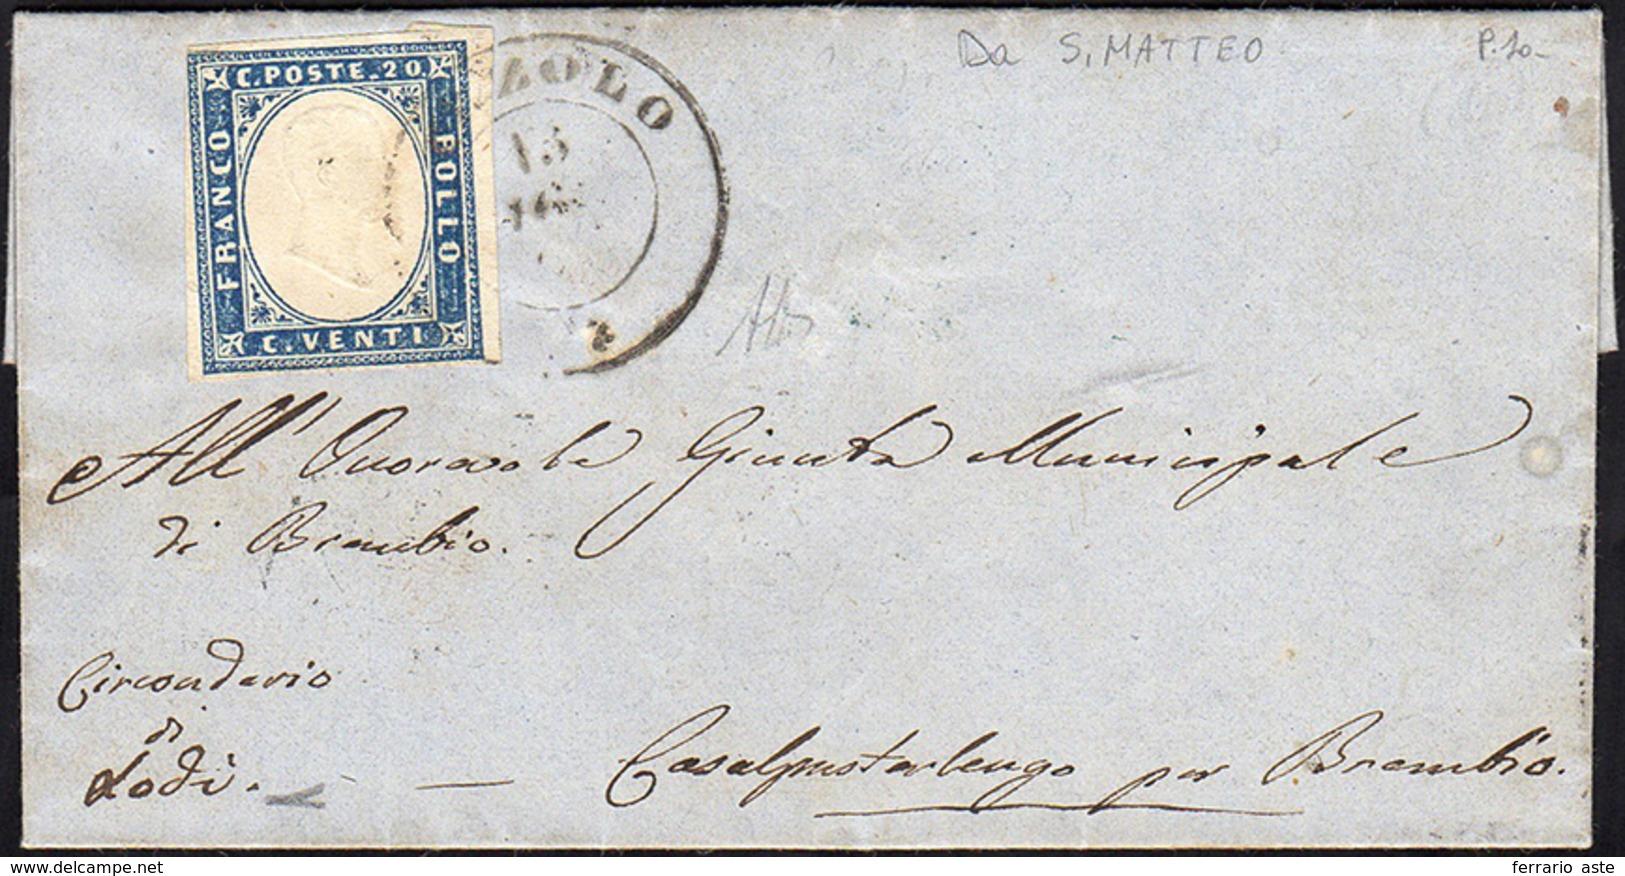 CIZZOLO, Punti 10 - 20 Cent. (15D), Perfetto, Su Lettera Del 13/8/1861 A Brembio. Non Comune! A.Dien... - Sardaigne